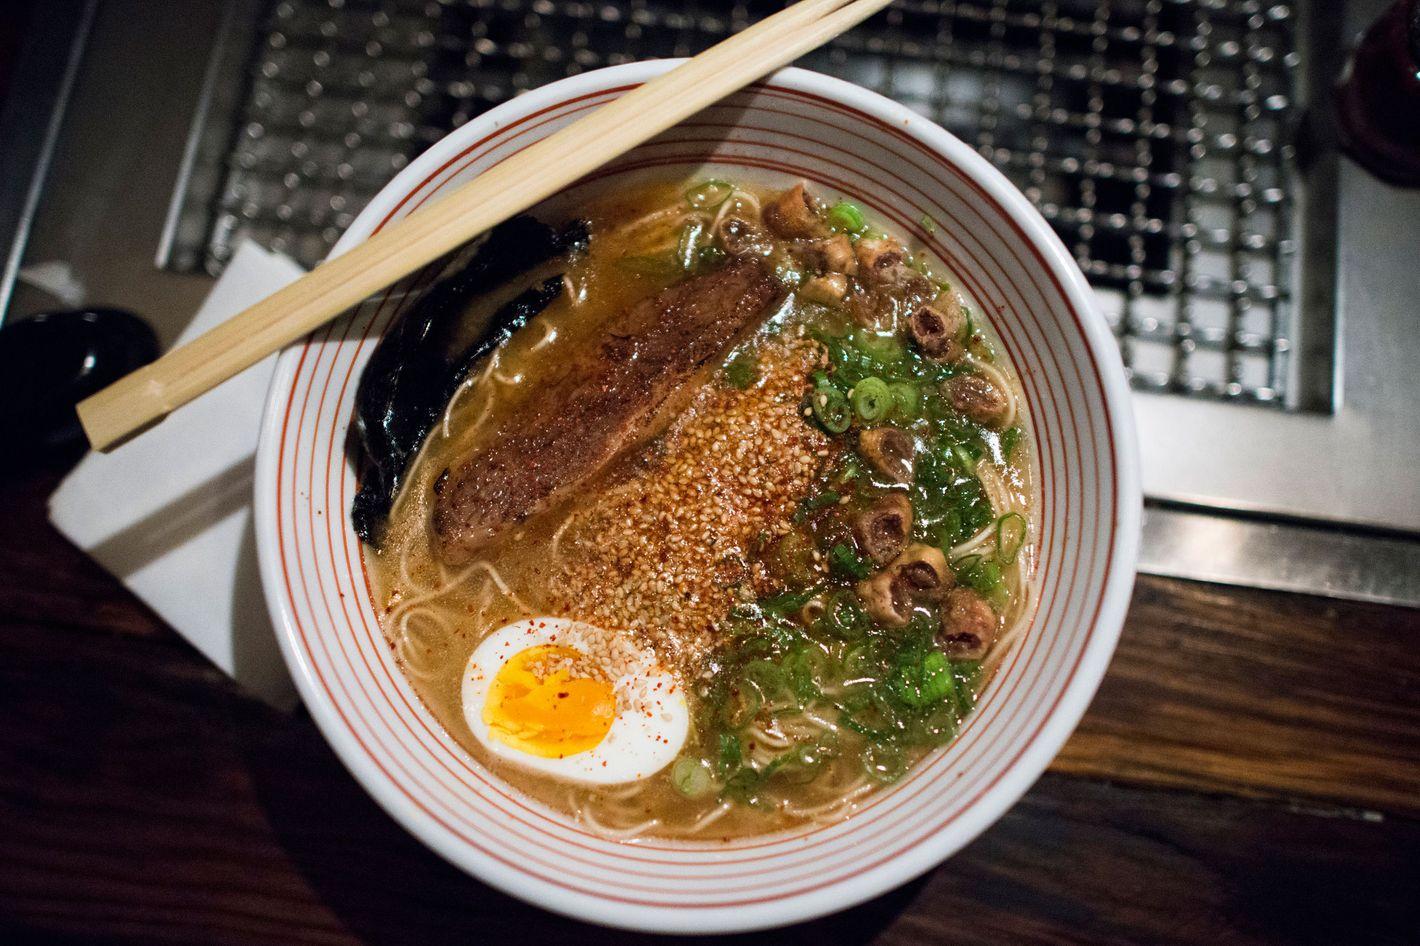 Wells liked Takashi's late-night ramen.